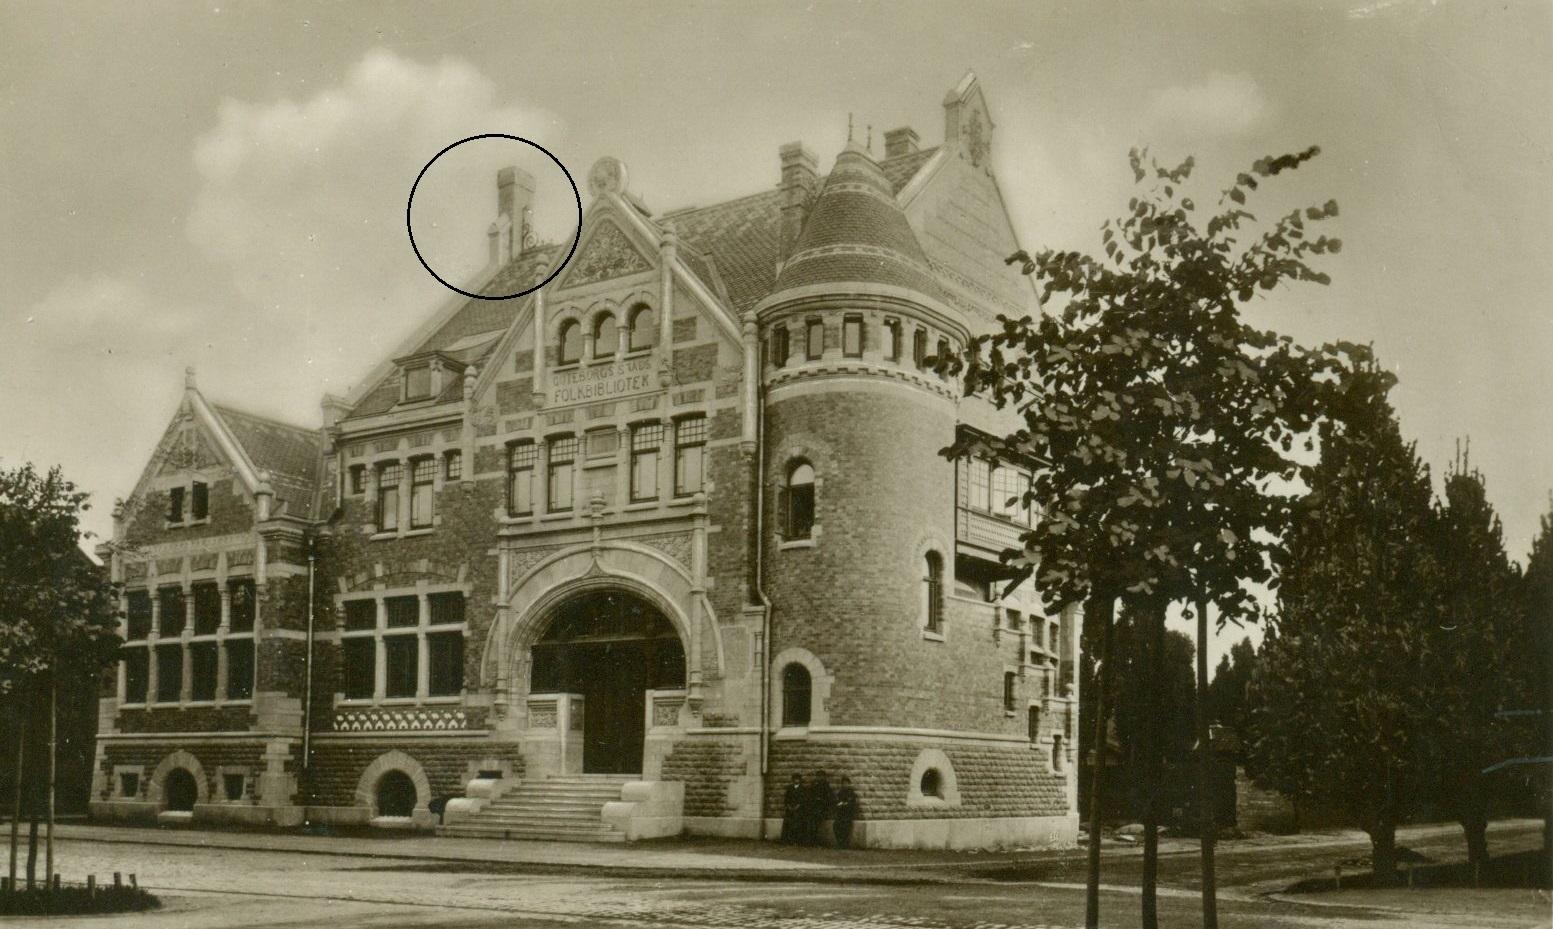 Dicksonska Folkbiblioteket i början av 1900-talet. Skorstenen som ska återskapas är inringad.